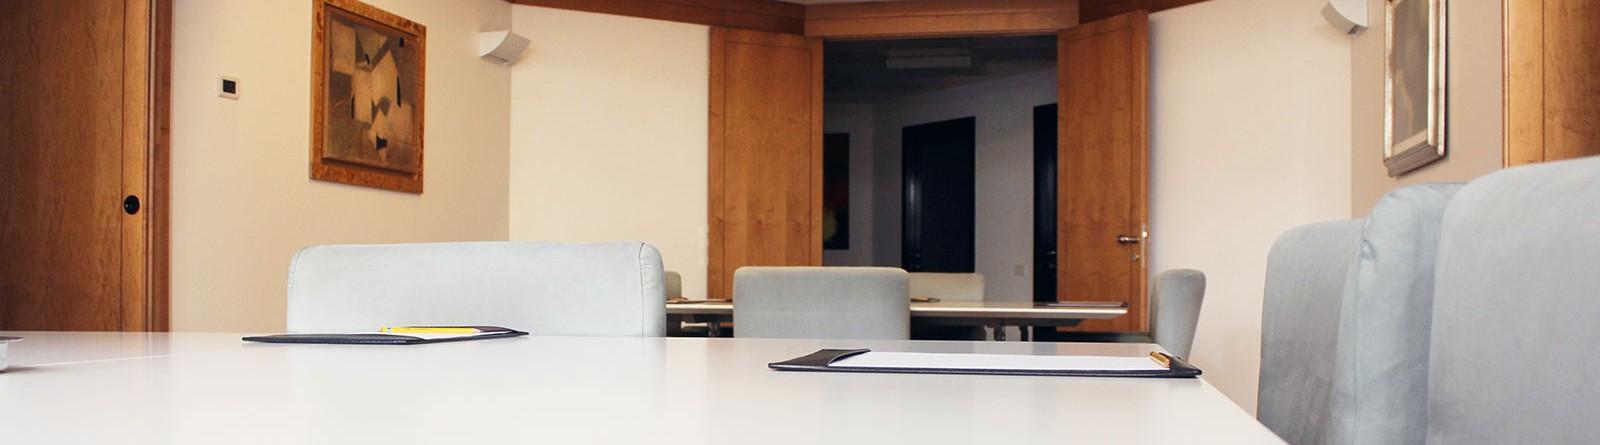 Tavolo riunioni